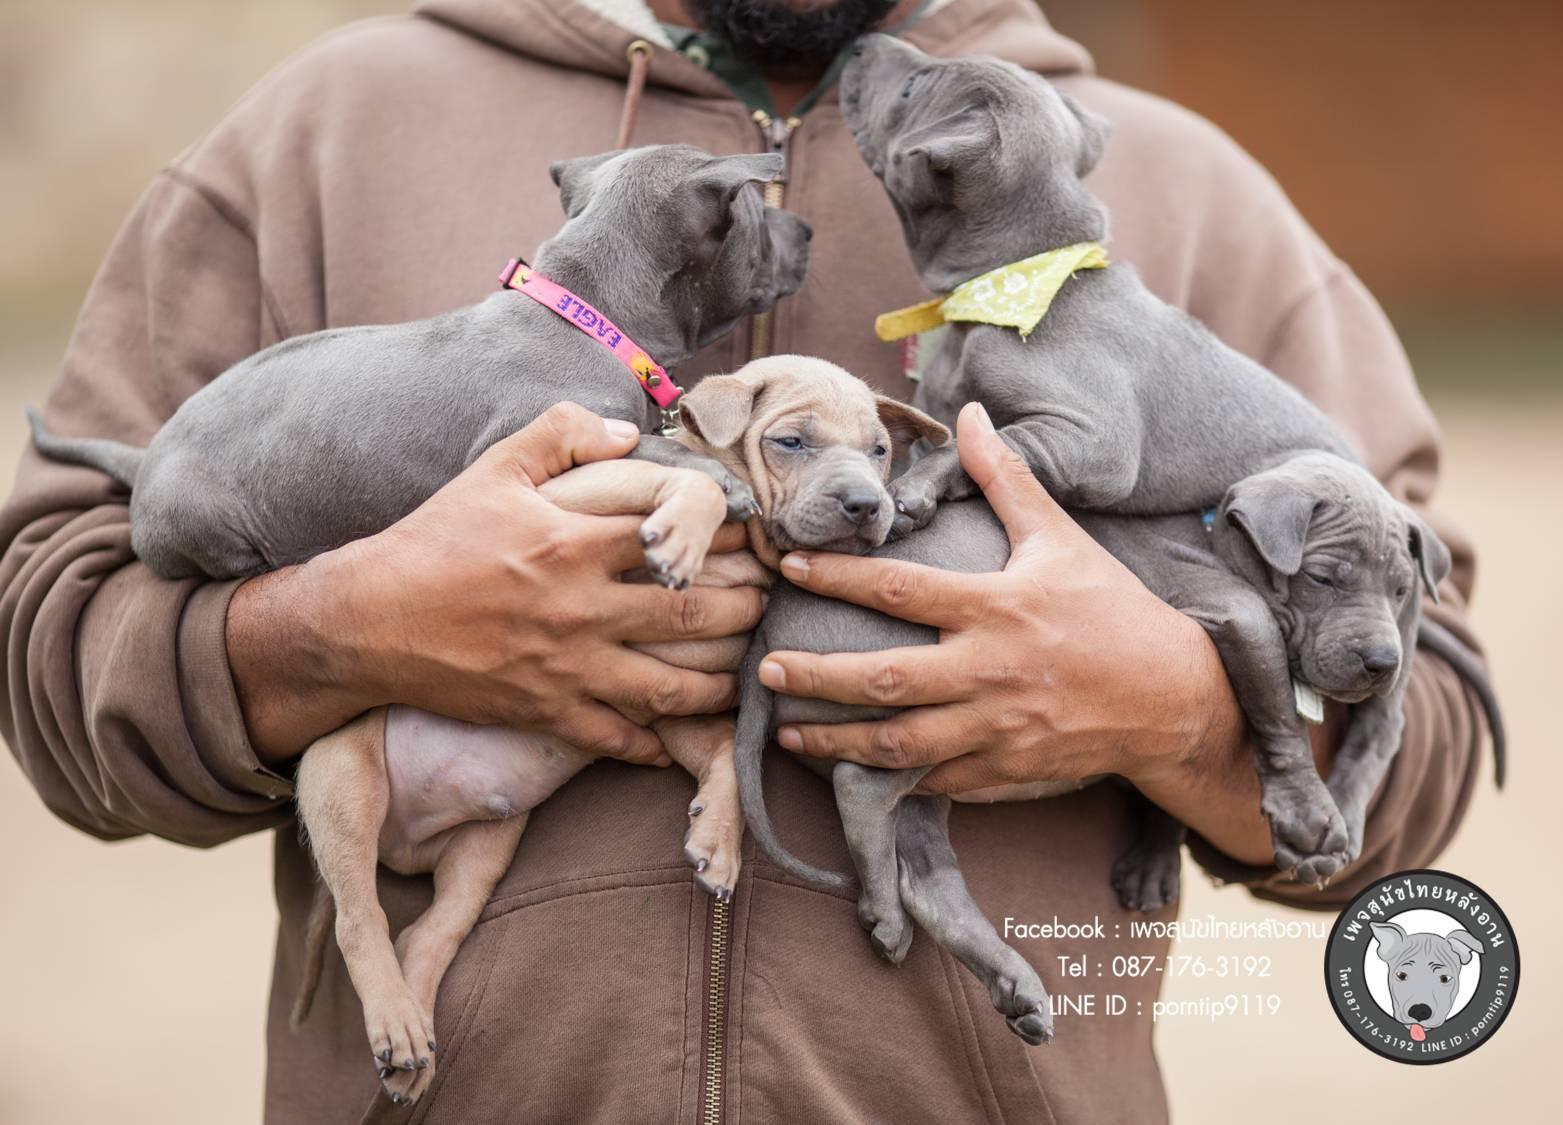 สุนัขไทยหลังอาน ขายสุนัขไทยหลังอาน   ลูกสุนัขไทยหลังอานnet-0112